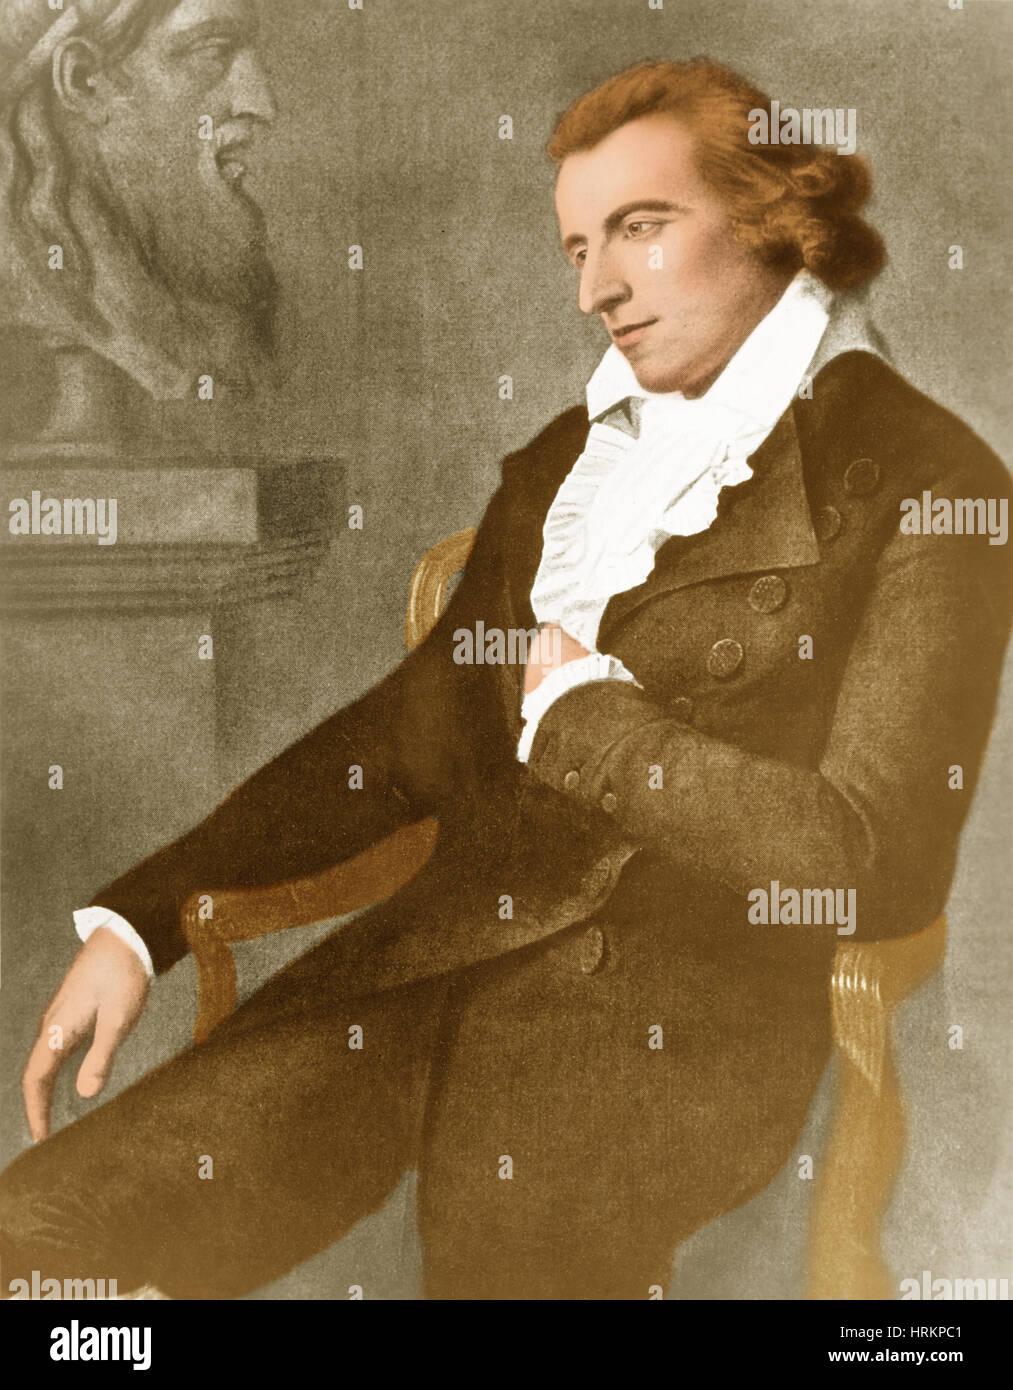 Friedrich Schiller, German Poet and Philospher - Stock Image